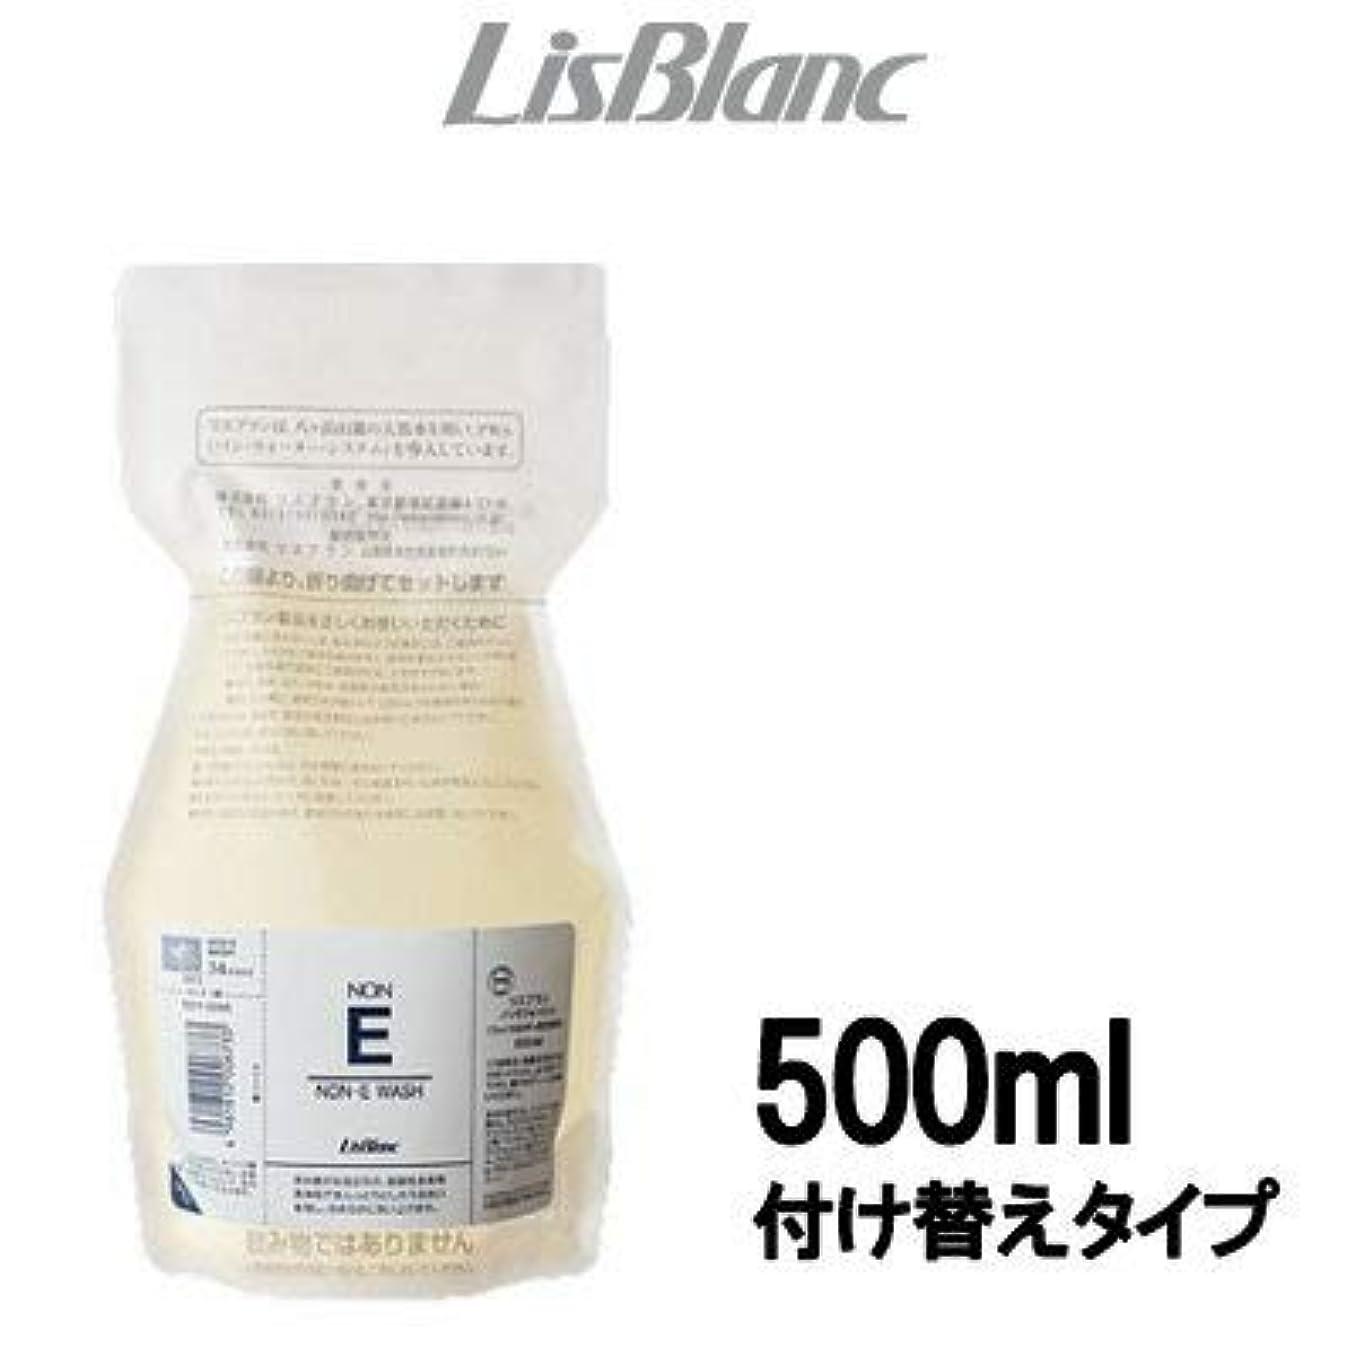 アリこっそり壊滅的なリスブラン ノンEウォッシュ 500ml フェイス&ボディ用洗浄料